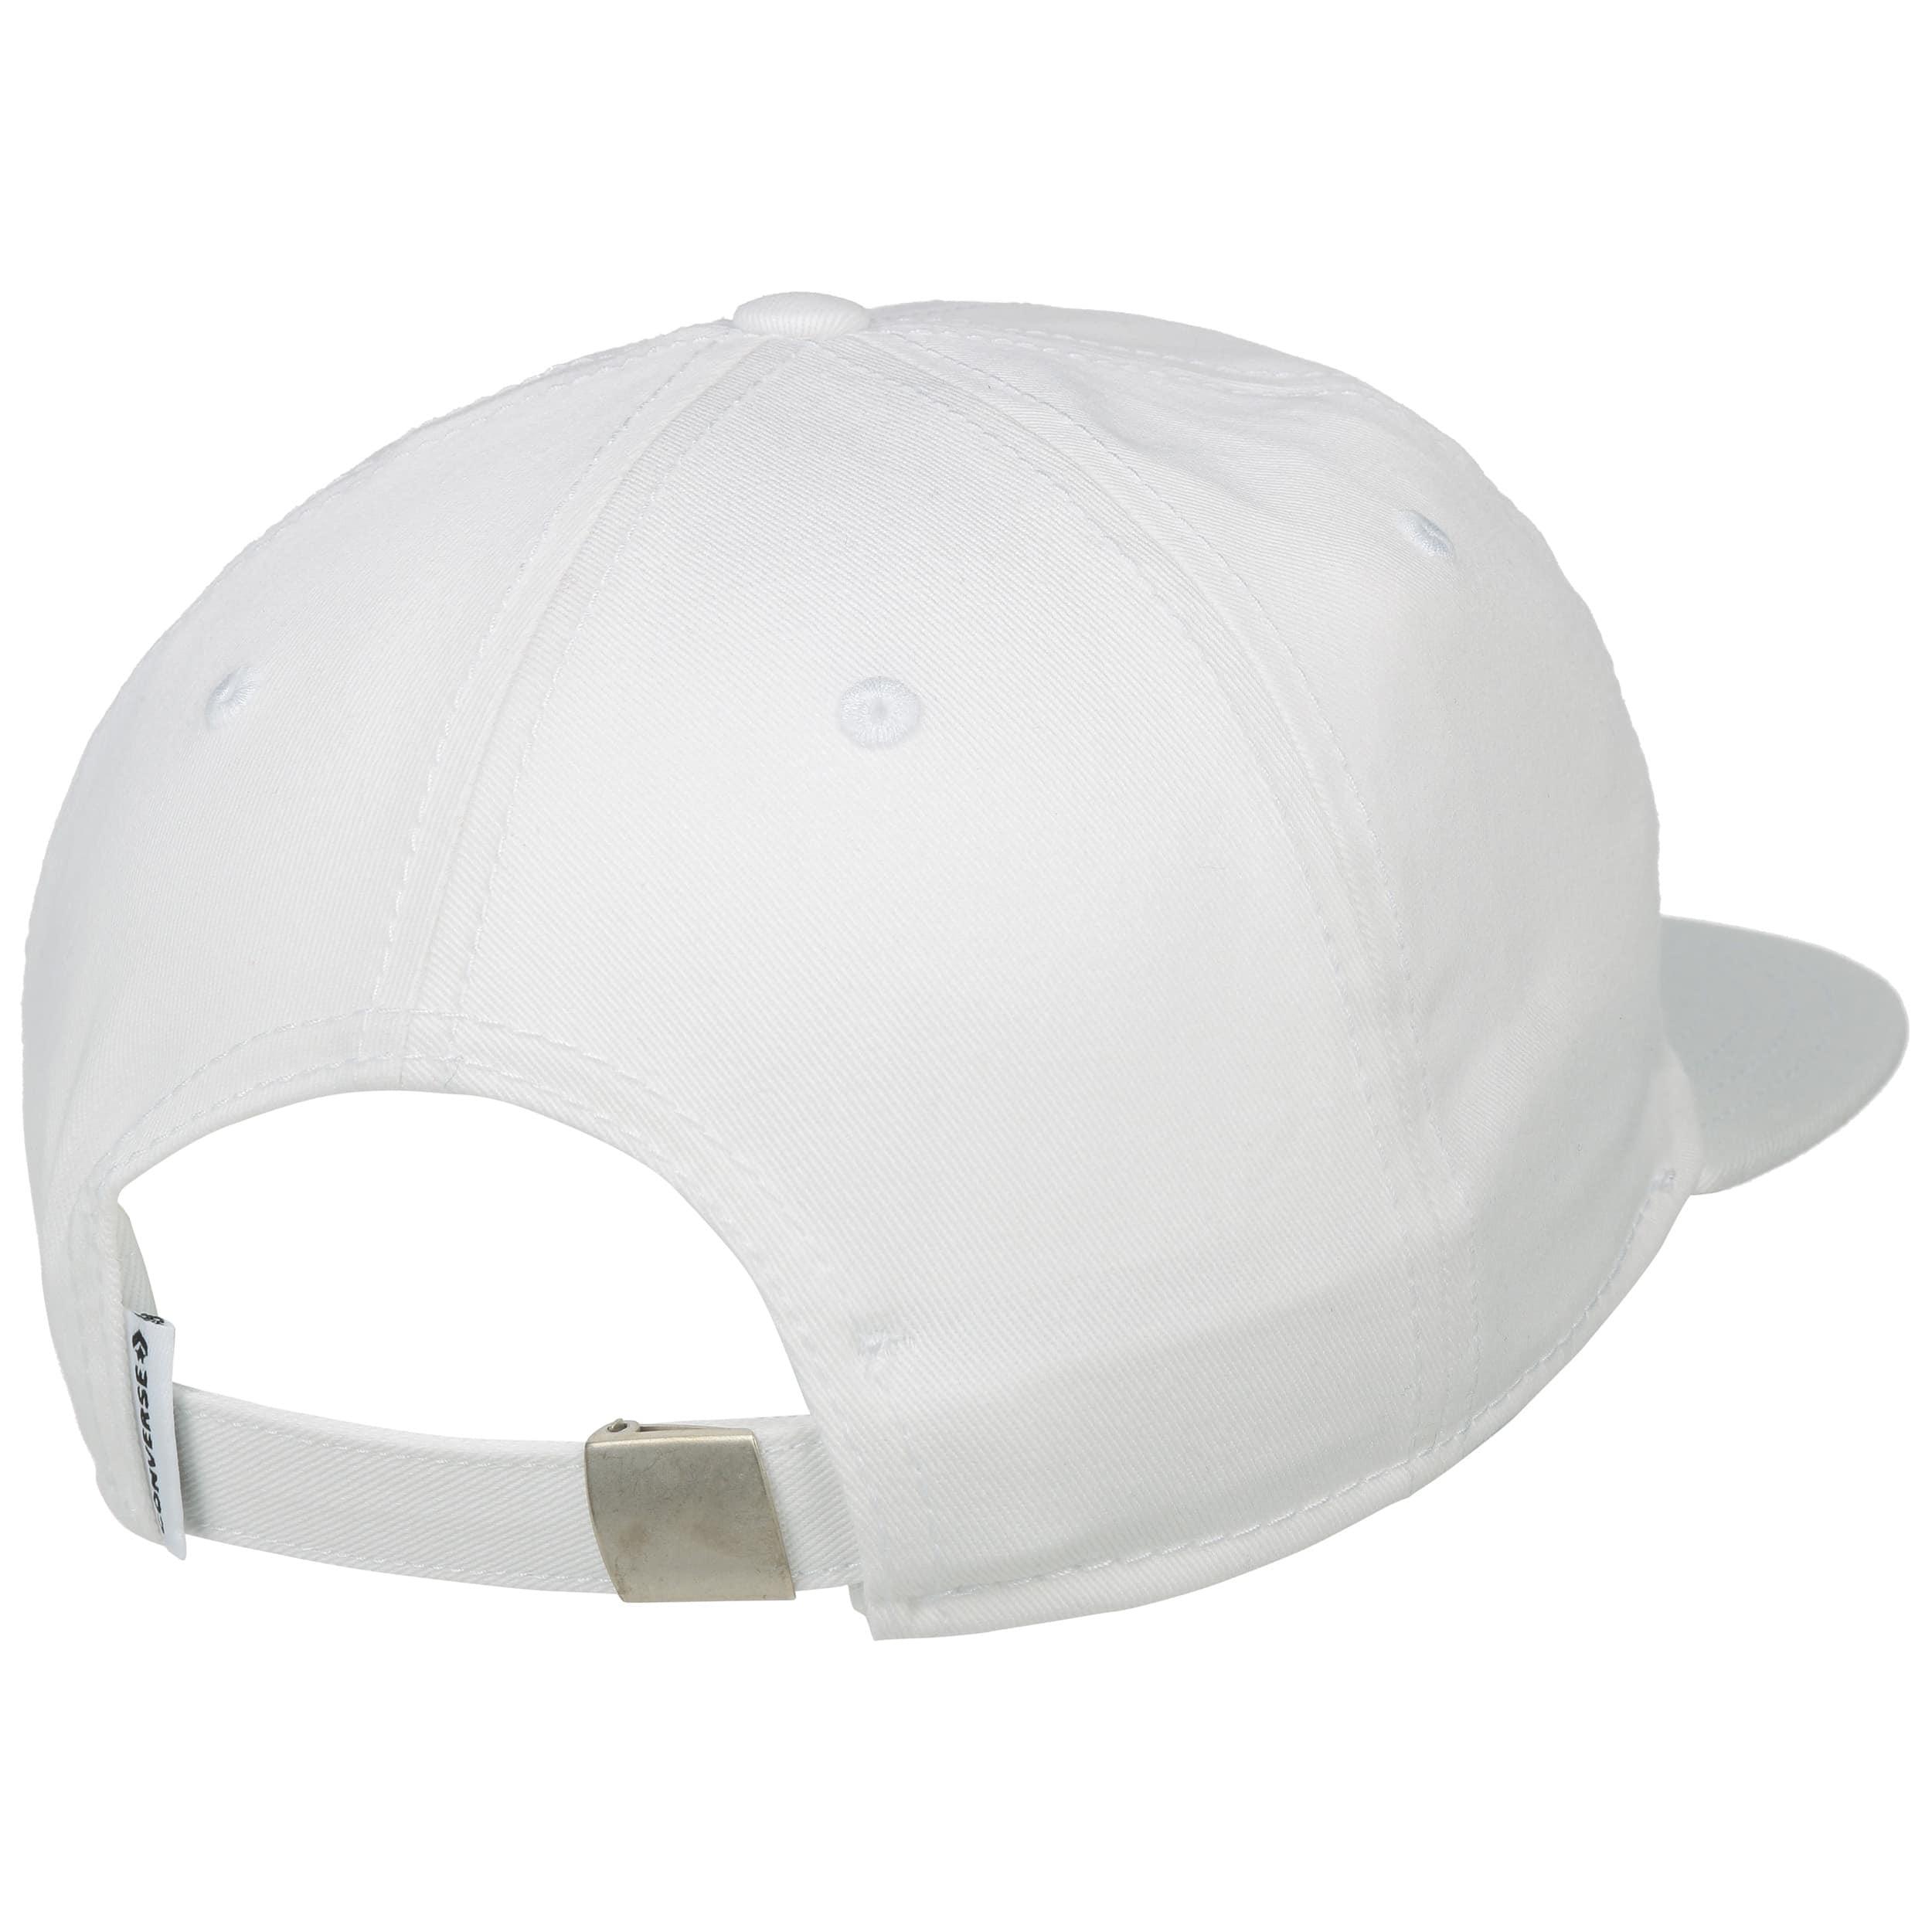 b9c284e8fe8fda ... Star Chevron Box Cap by Converse - white 1 ...